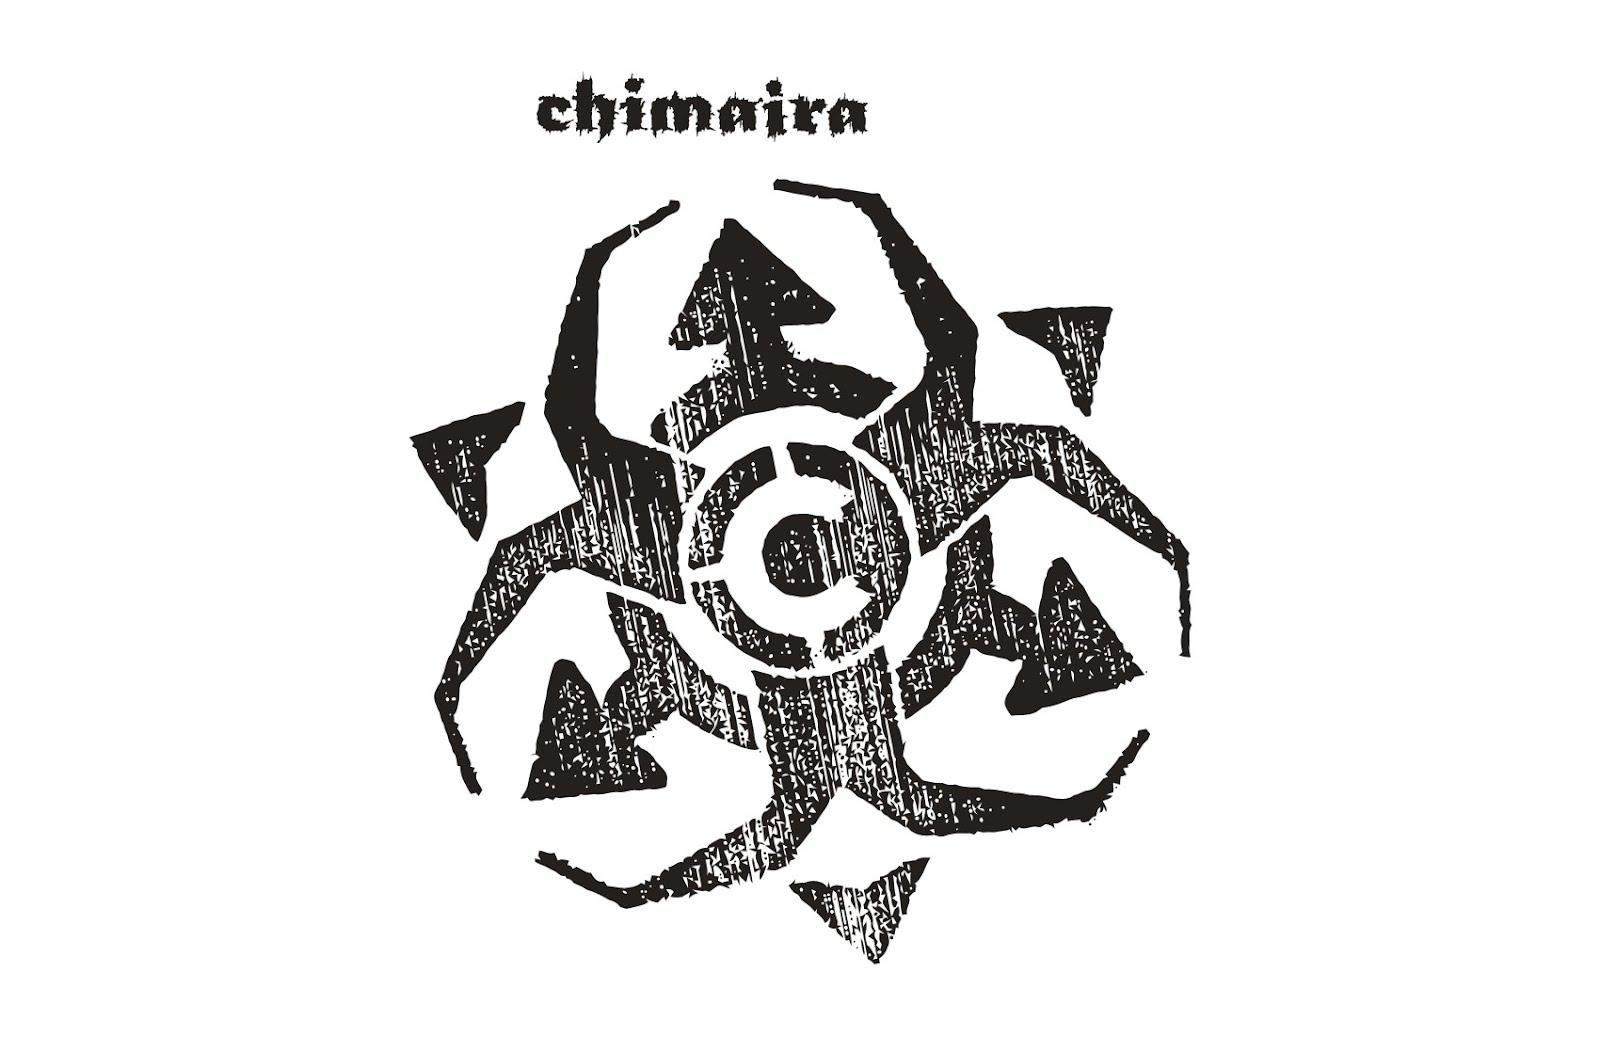 chimaira-chimaira_front_vector